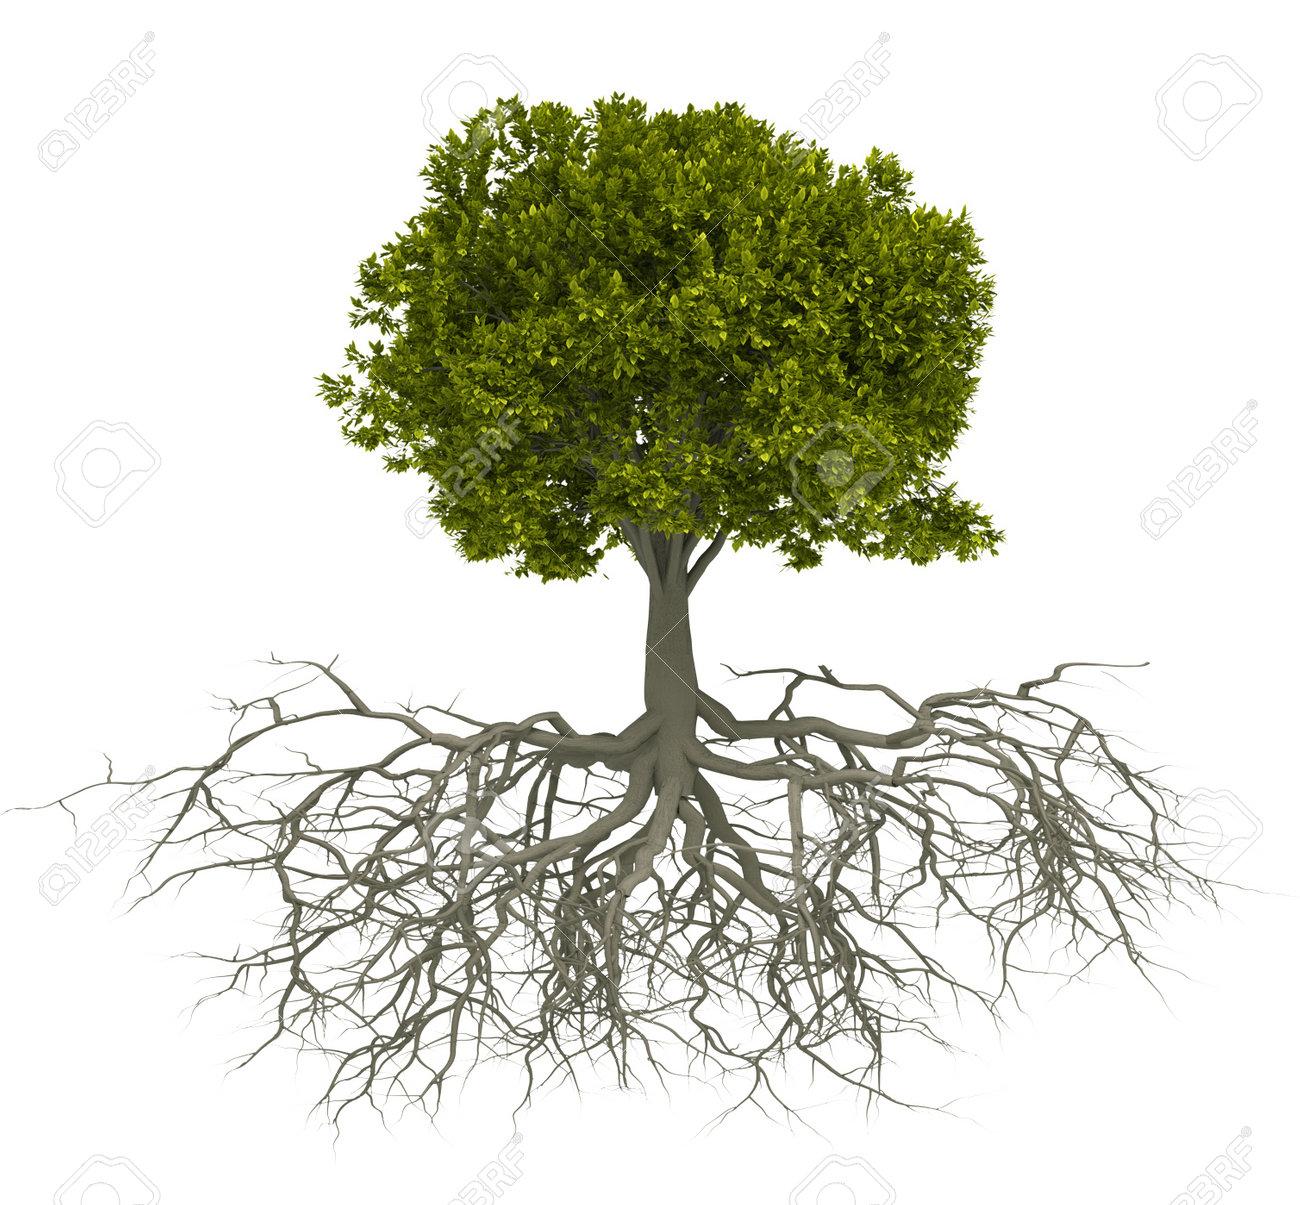 Arbre Avec Racine arbre avec racine isolé sur blanc - ceci est une illustration rendu